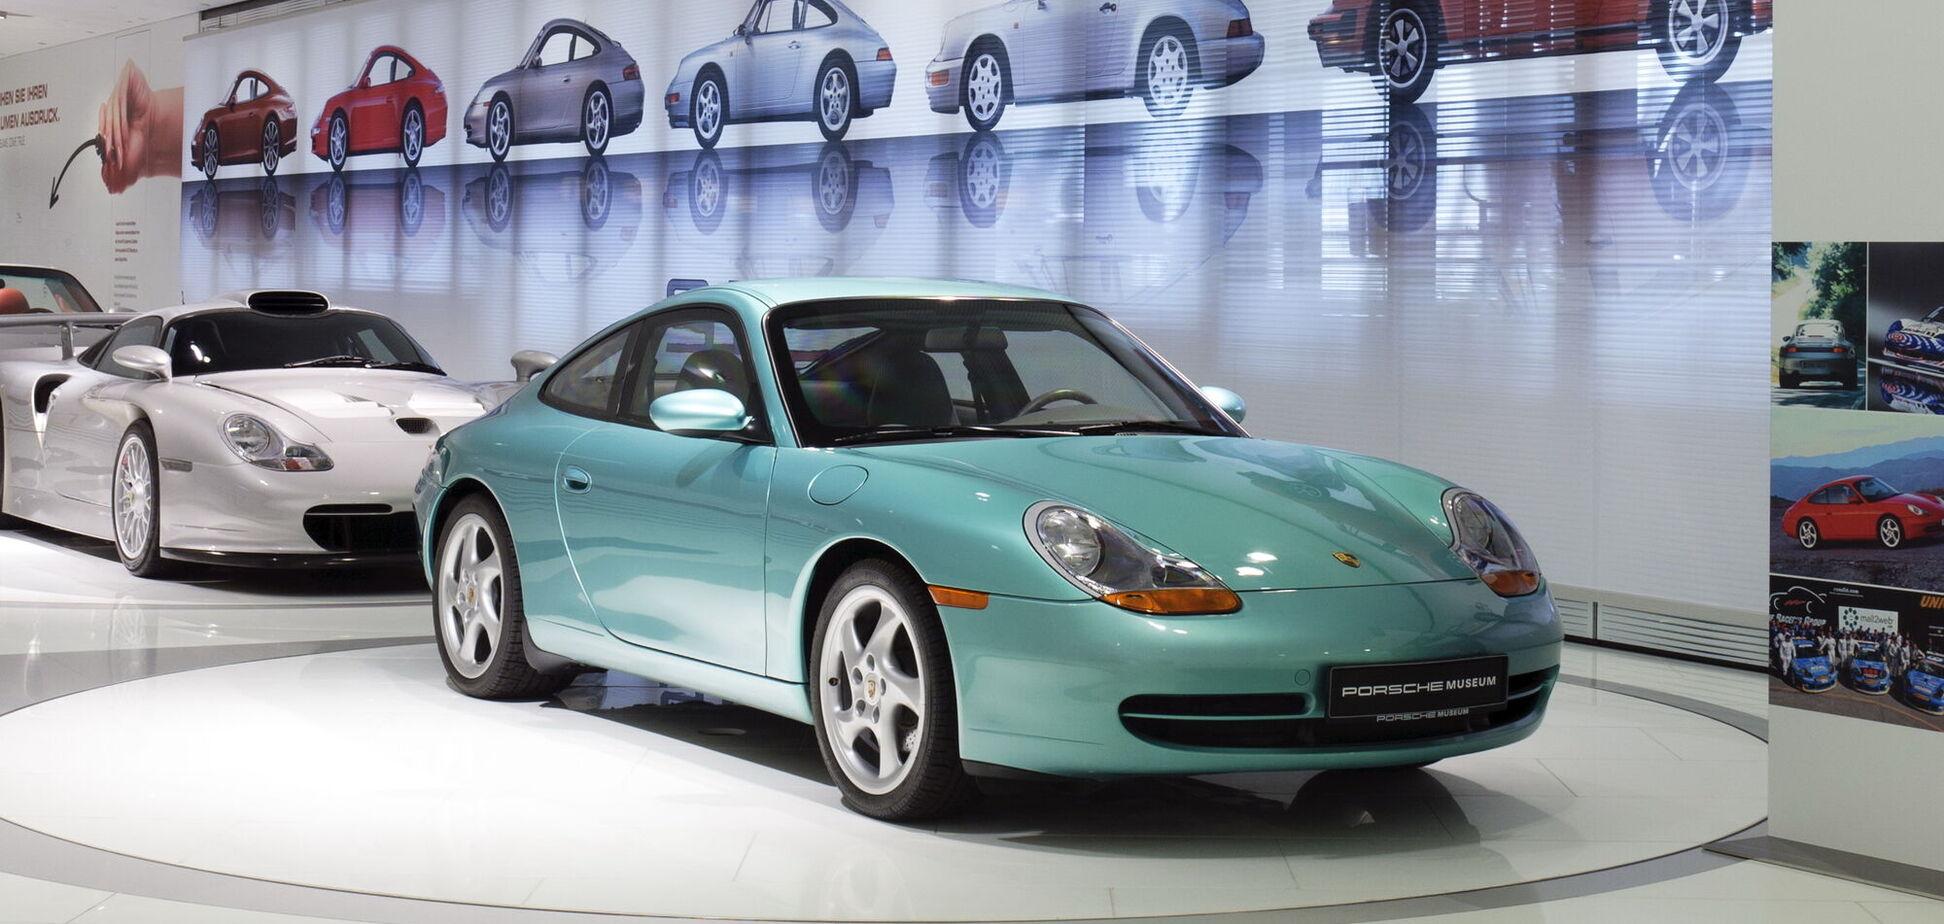 На видео показали единственный в мире бронированный Porsche 911